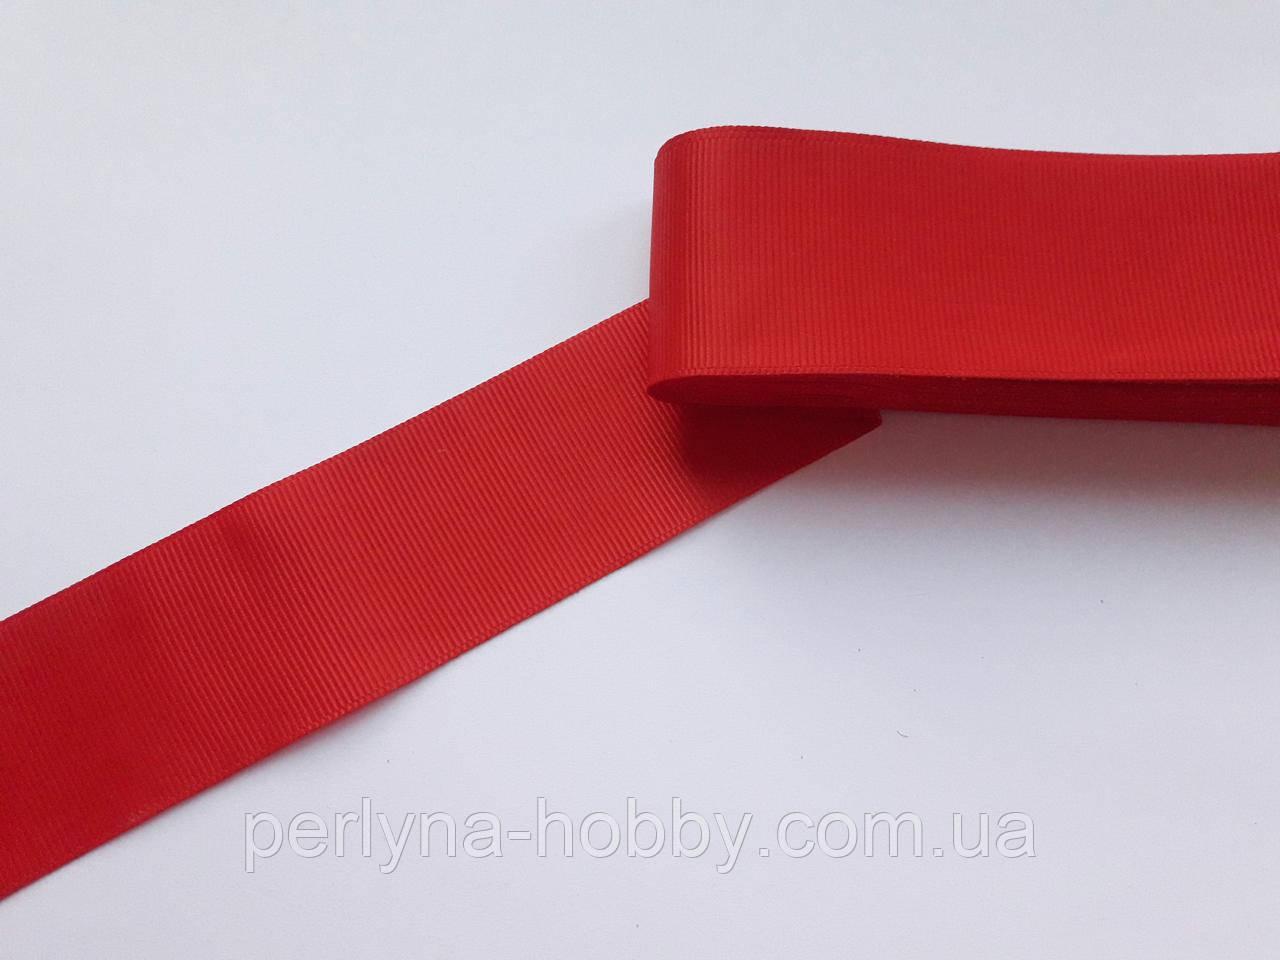 Стрічка репсова 40 мм, червона яскрава. Туреччина